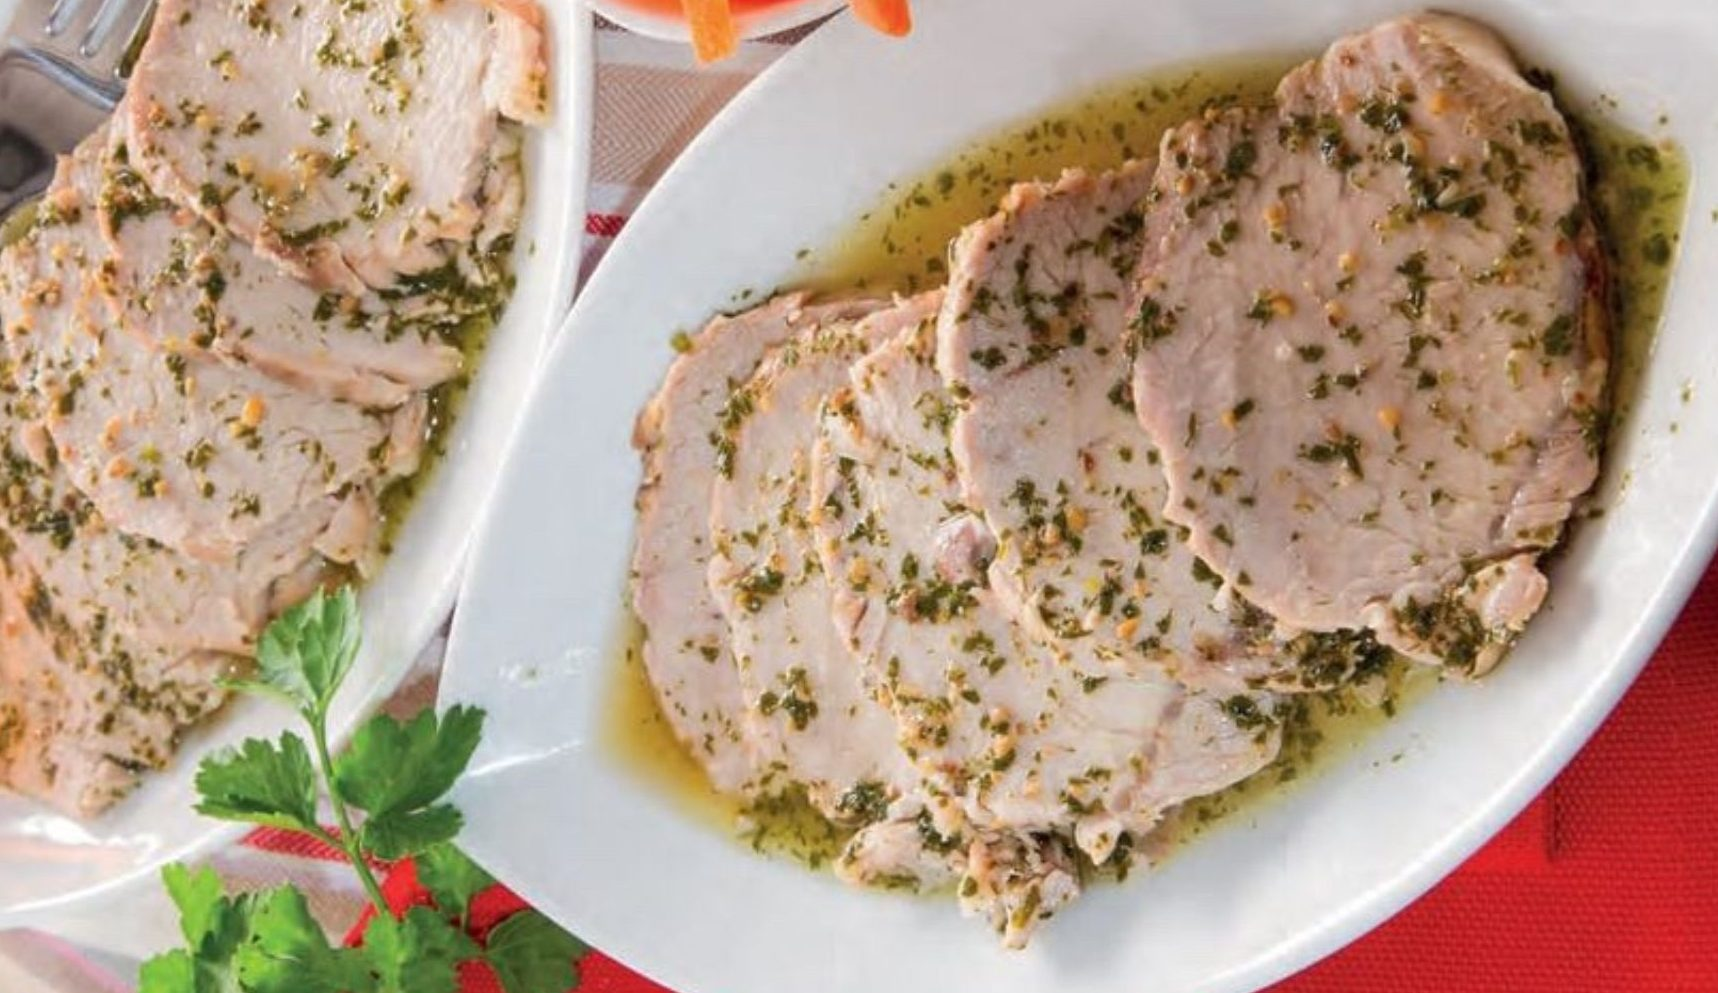 scaloppine di maiale ricetta con spezie